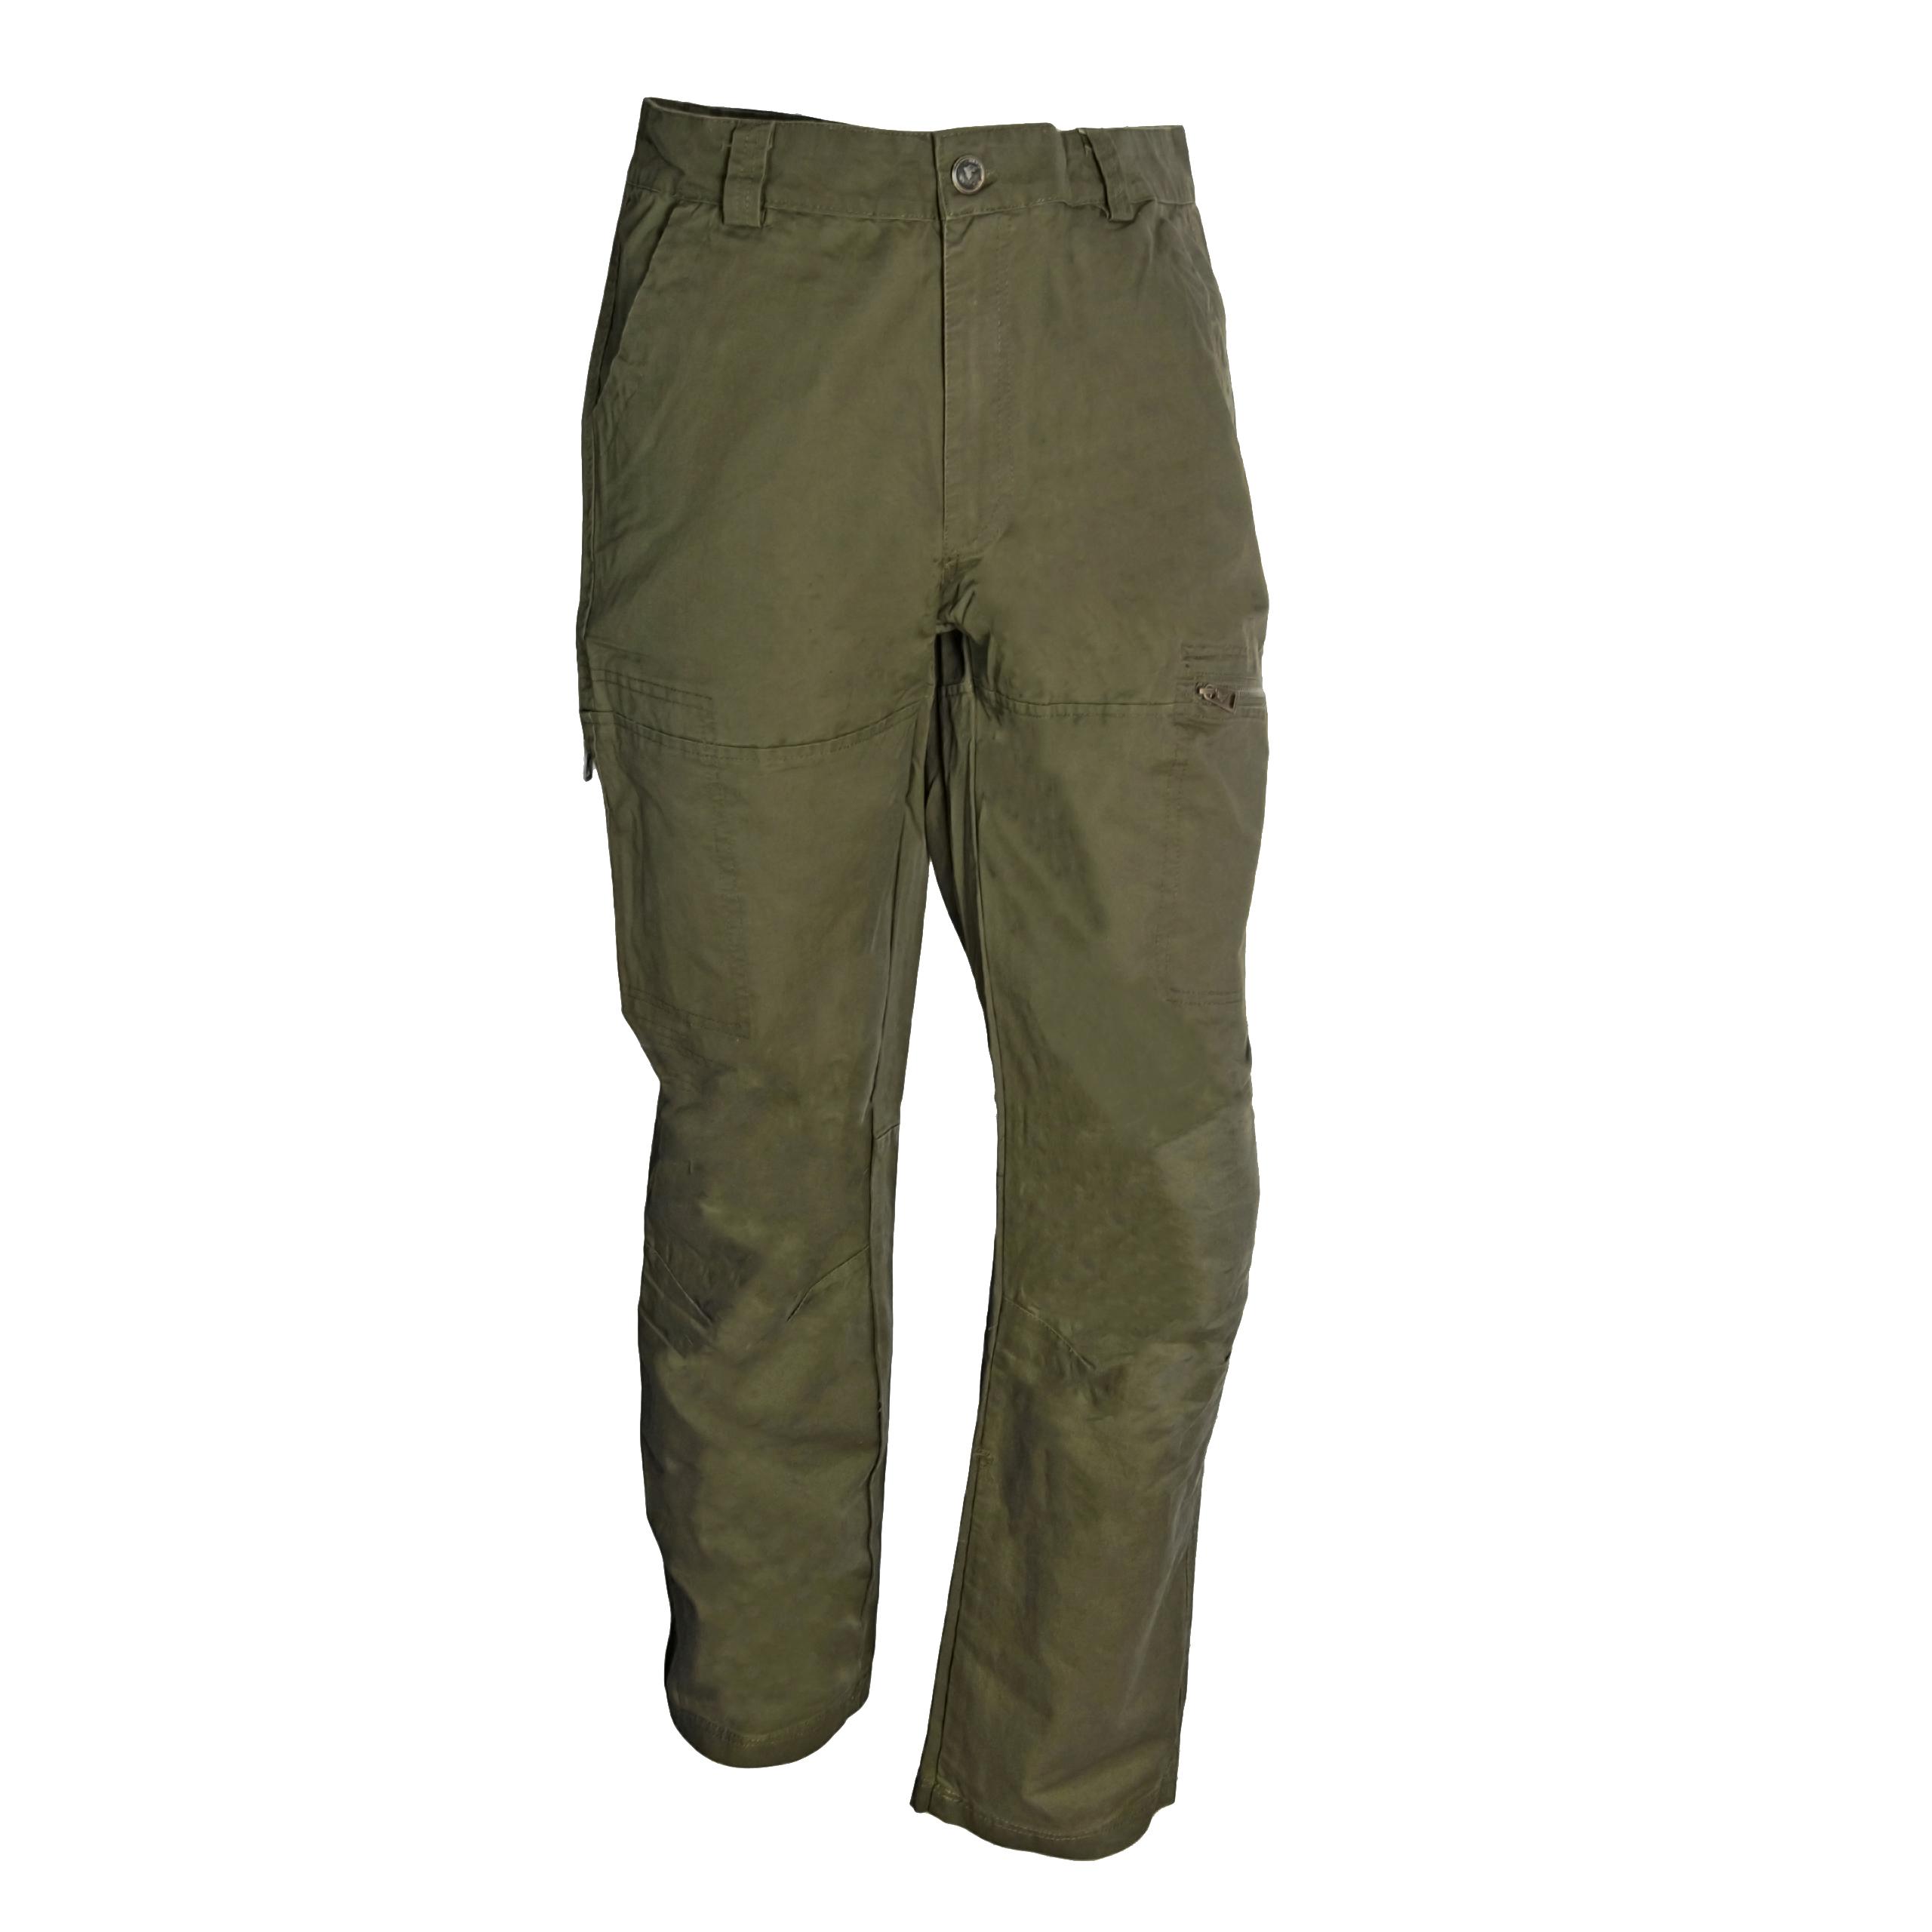 eb0acae62f6222 Myśliwskie ,oliwkowe spodnie mocne ABHUNTING.PL, Sklep z odzieżą ...